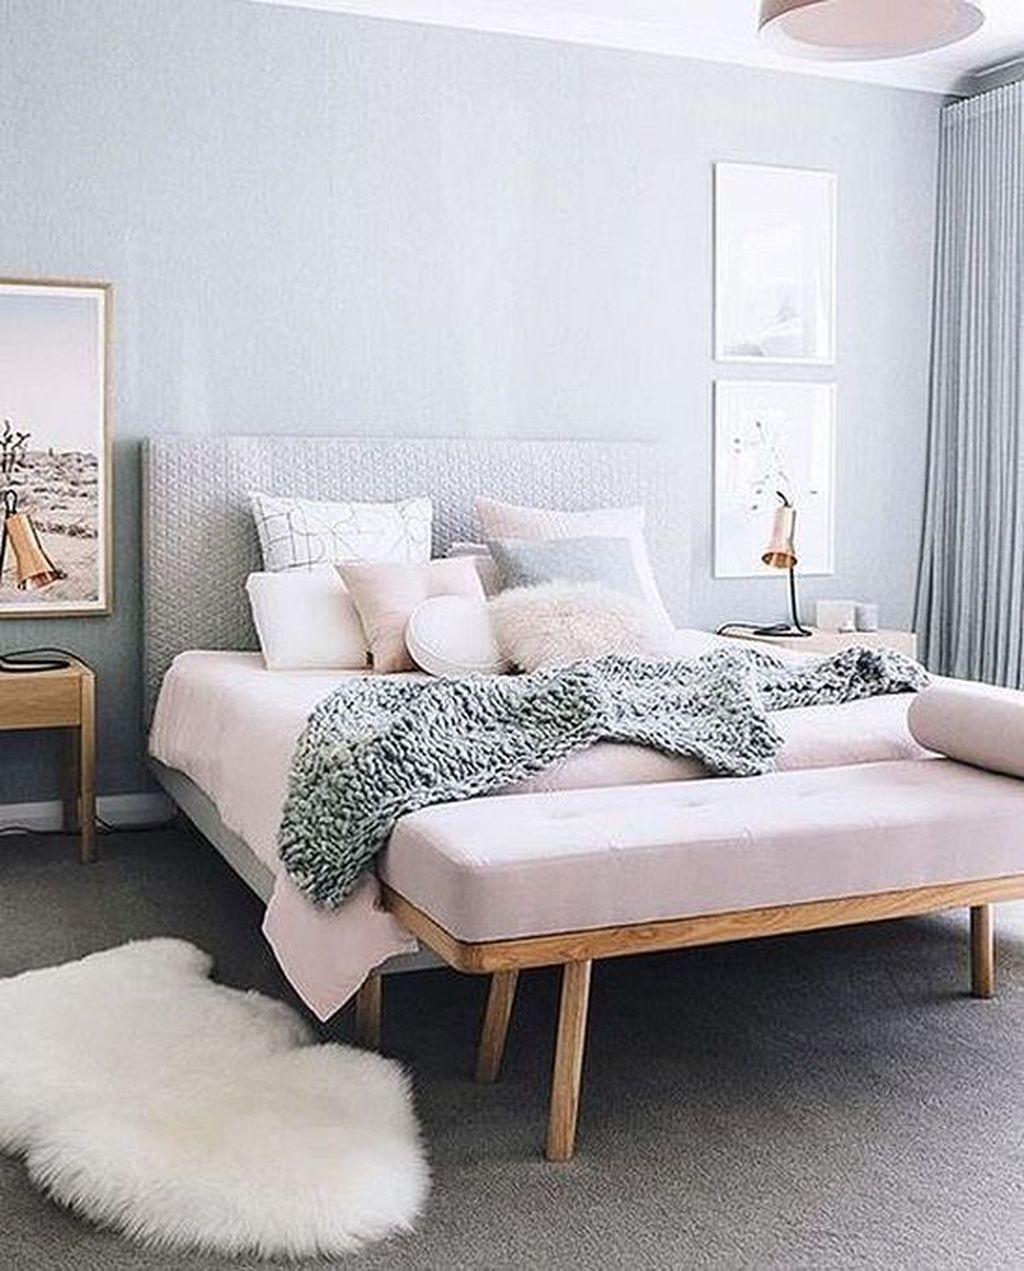 Excellent Scandinavian Bedroom Interior Design Ideas43